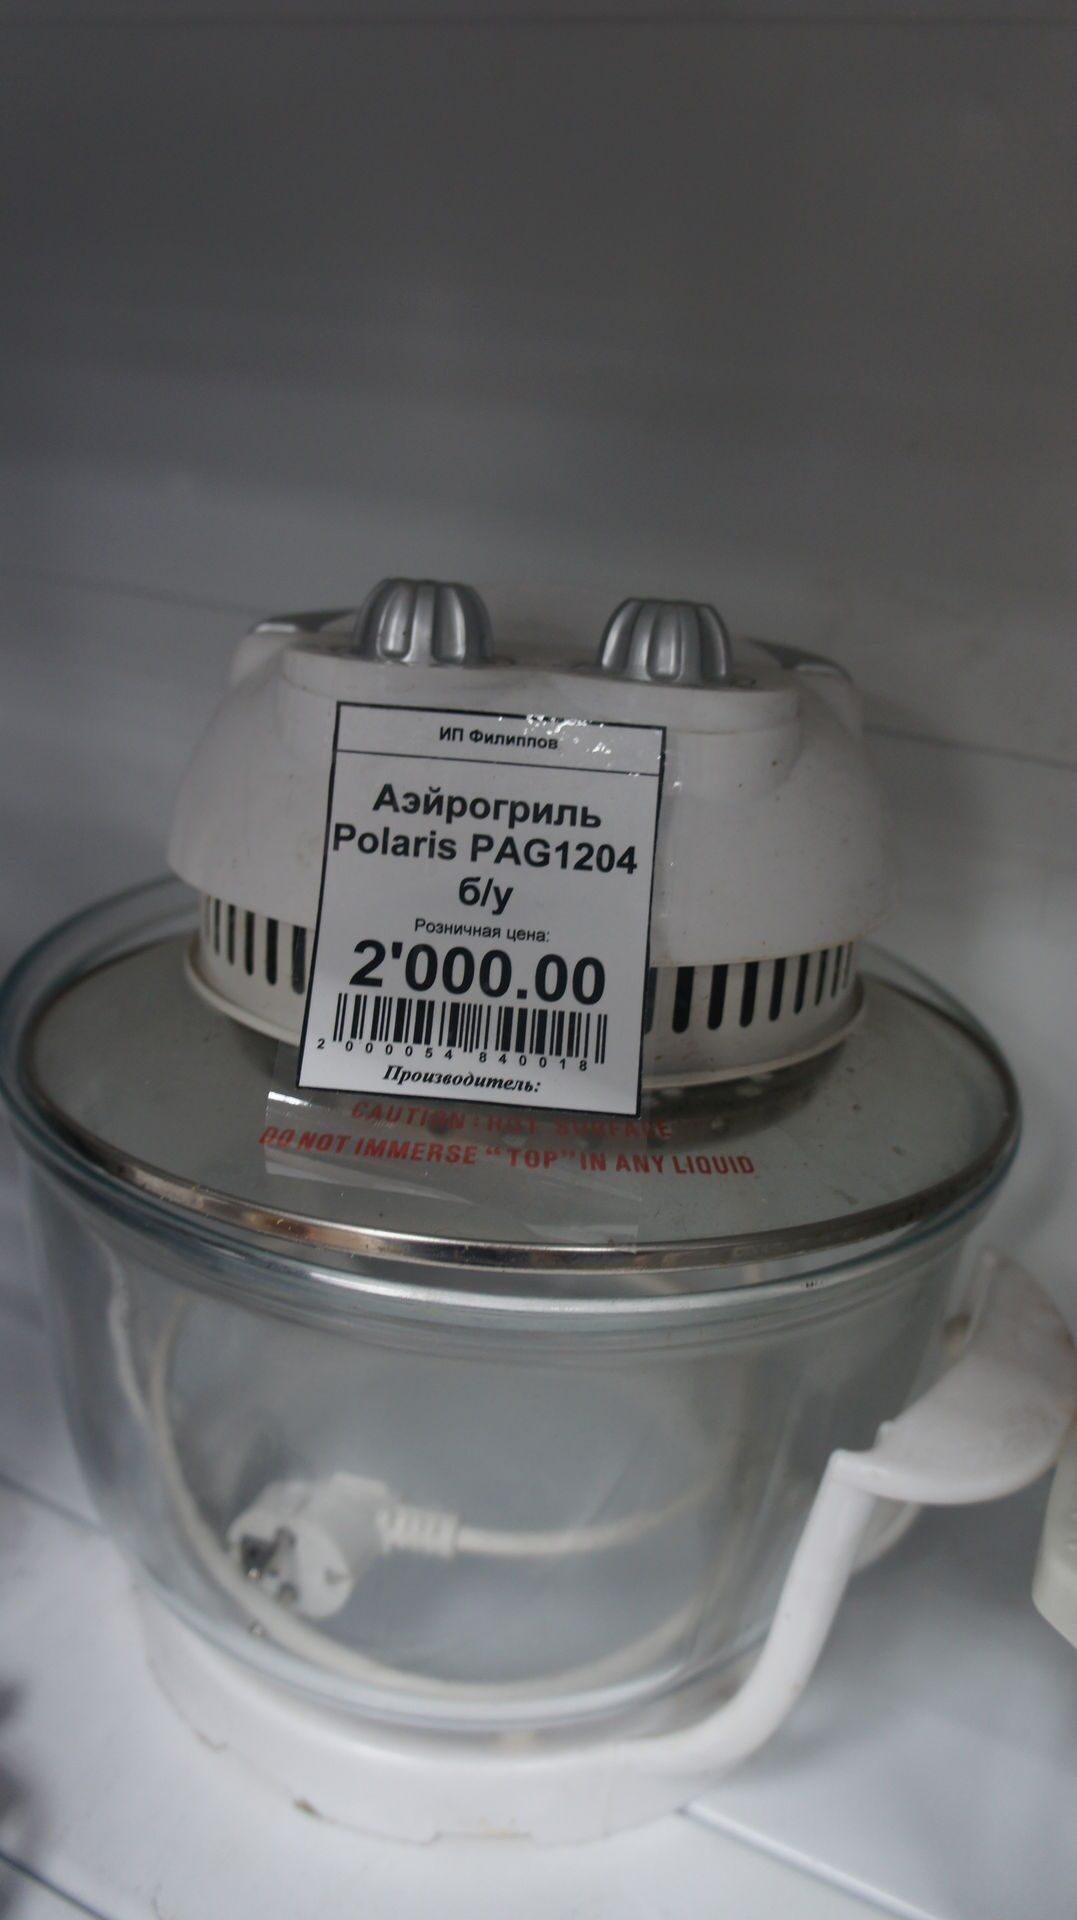 Аэрогриль Polaris Pag 1204 инструкция - картинка 4